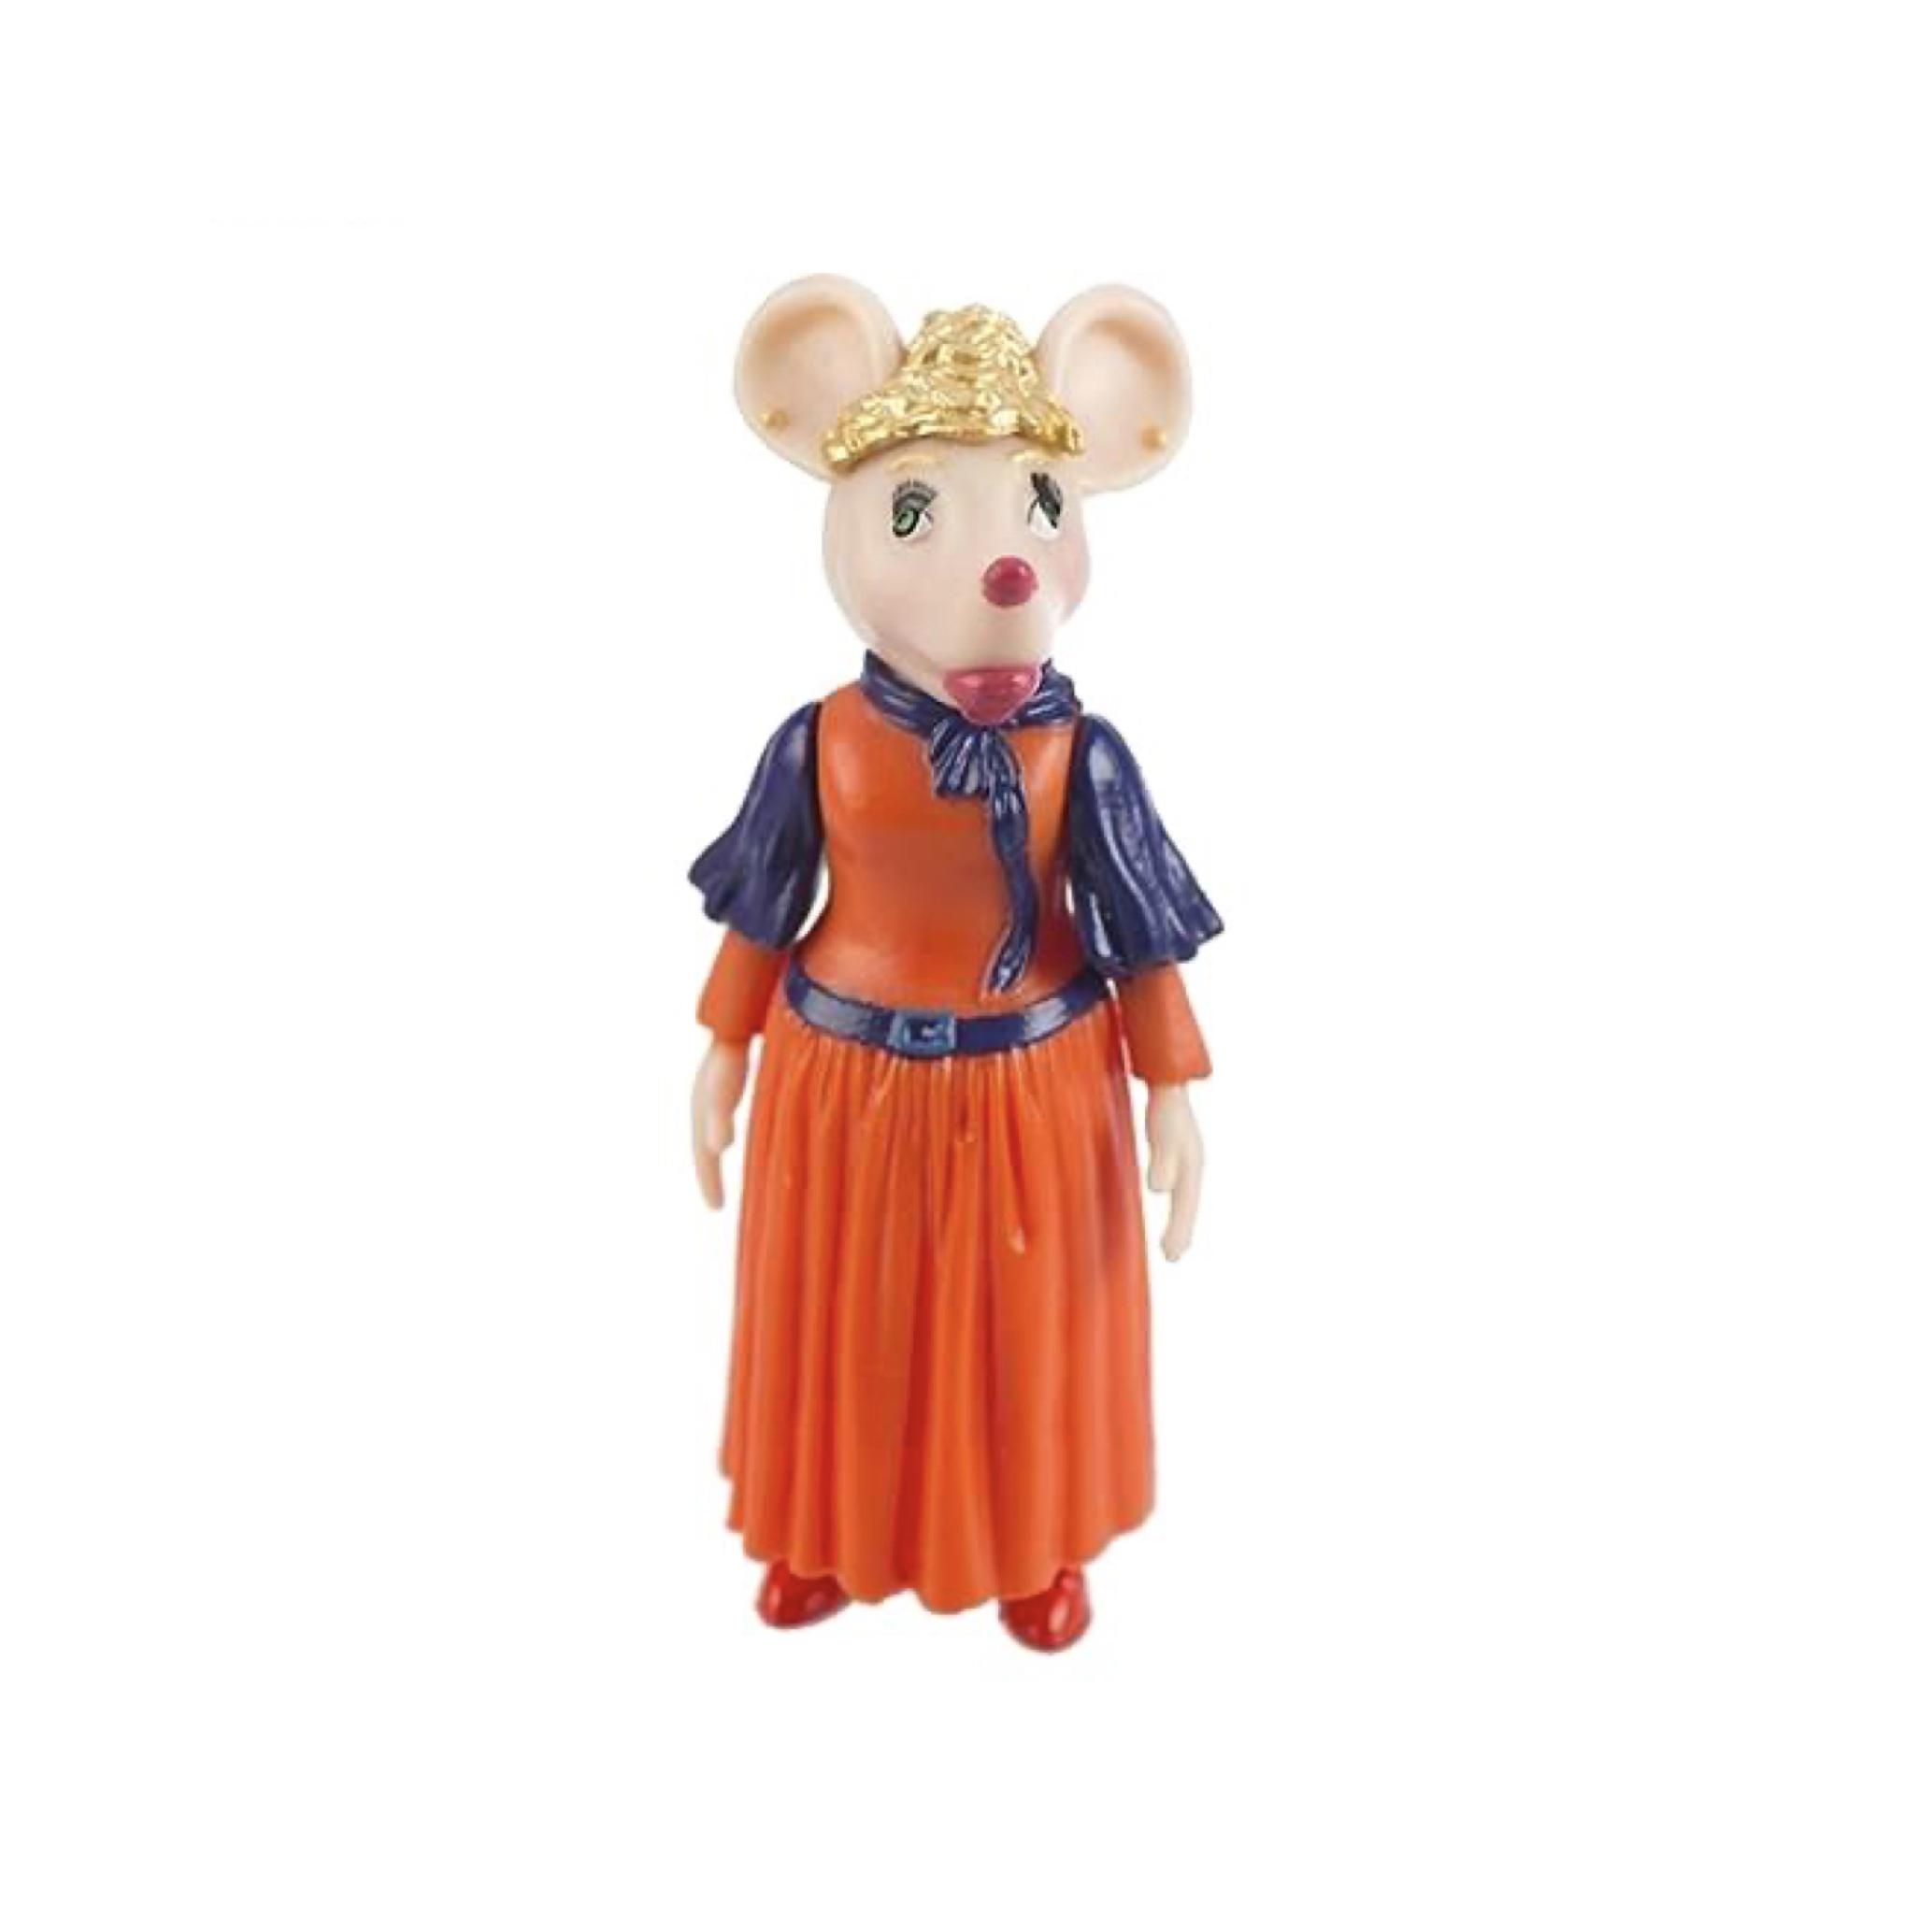 فیگور شخصیت نارنجی شهر موشها